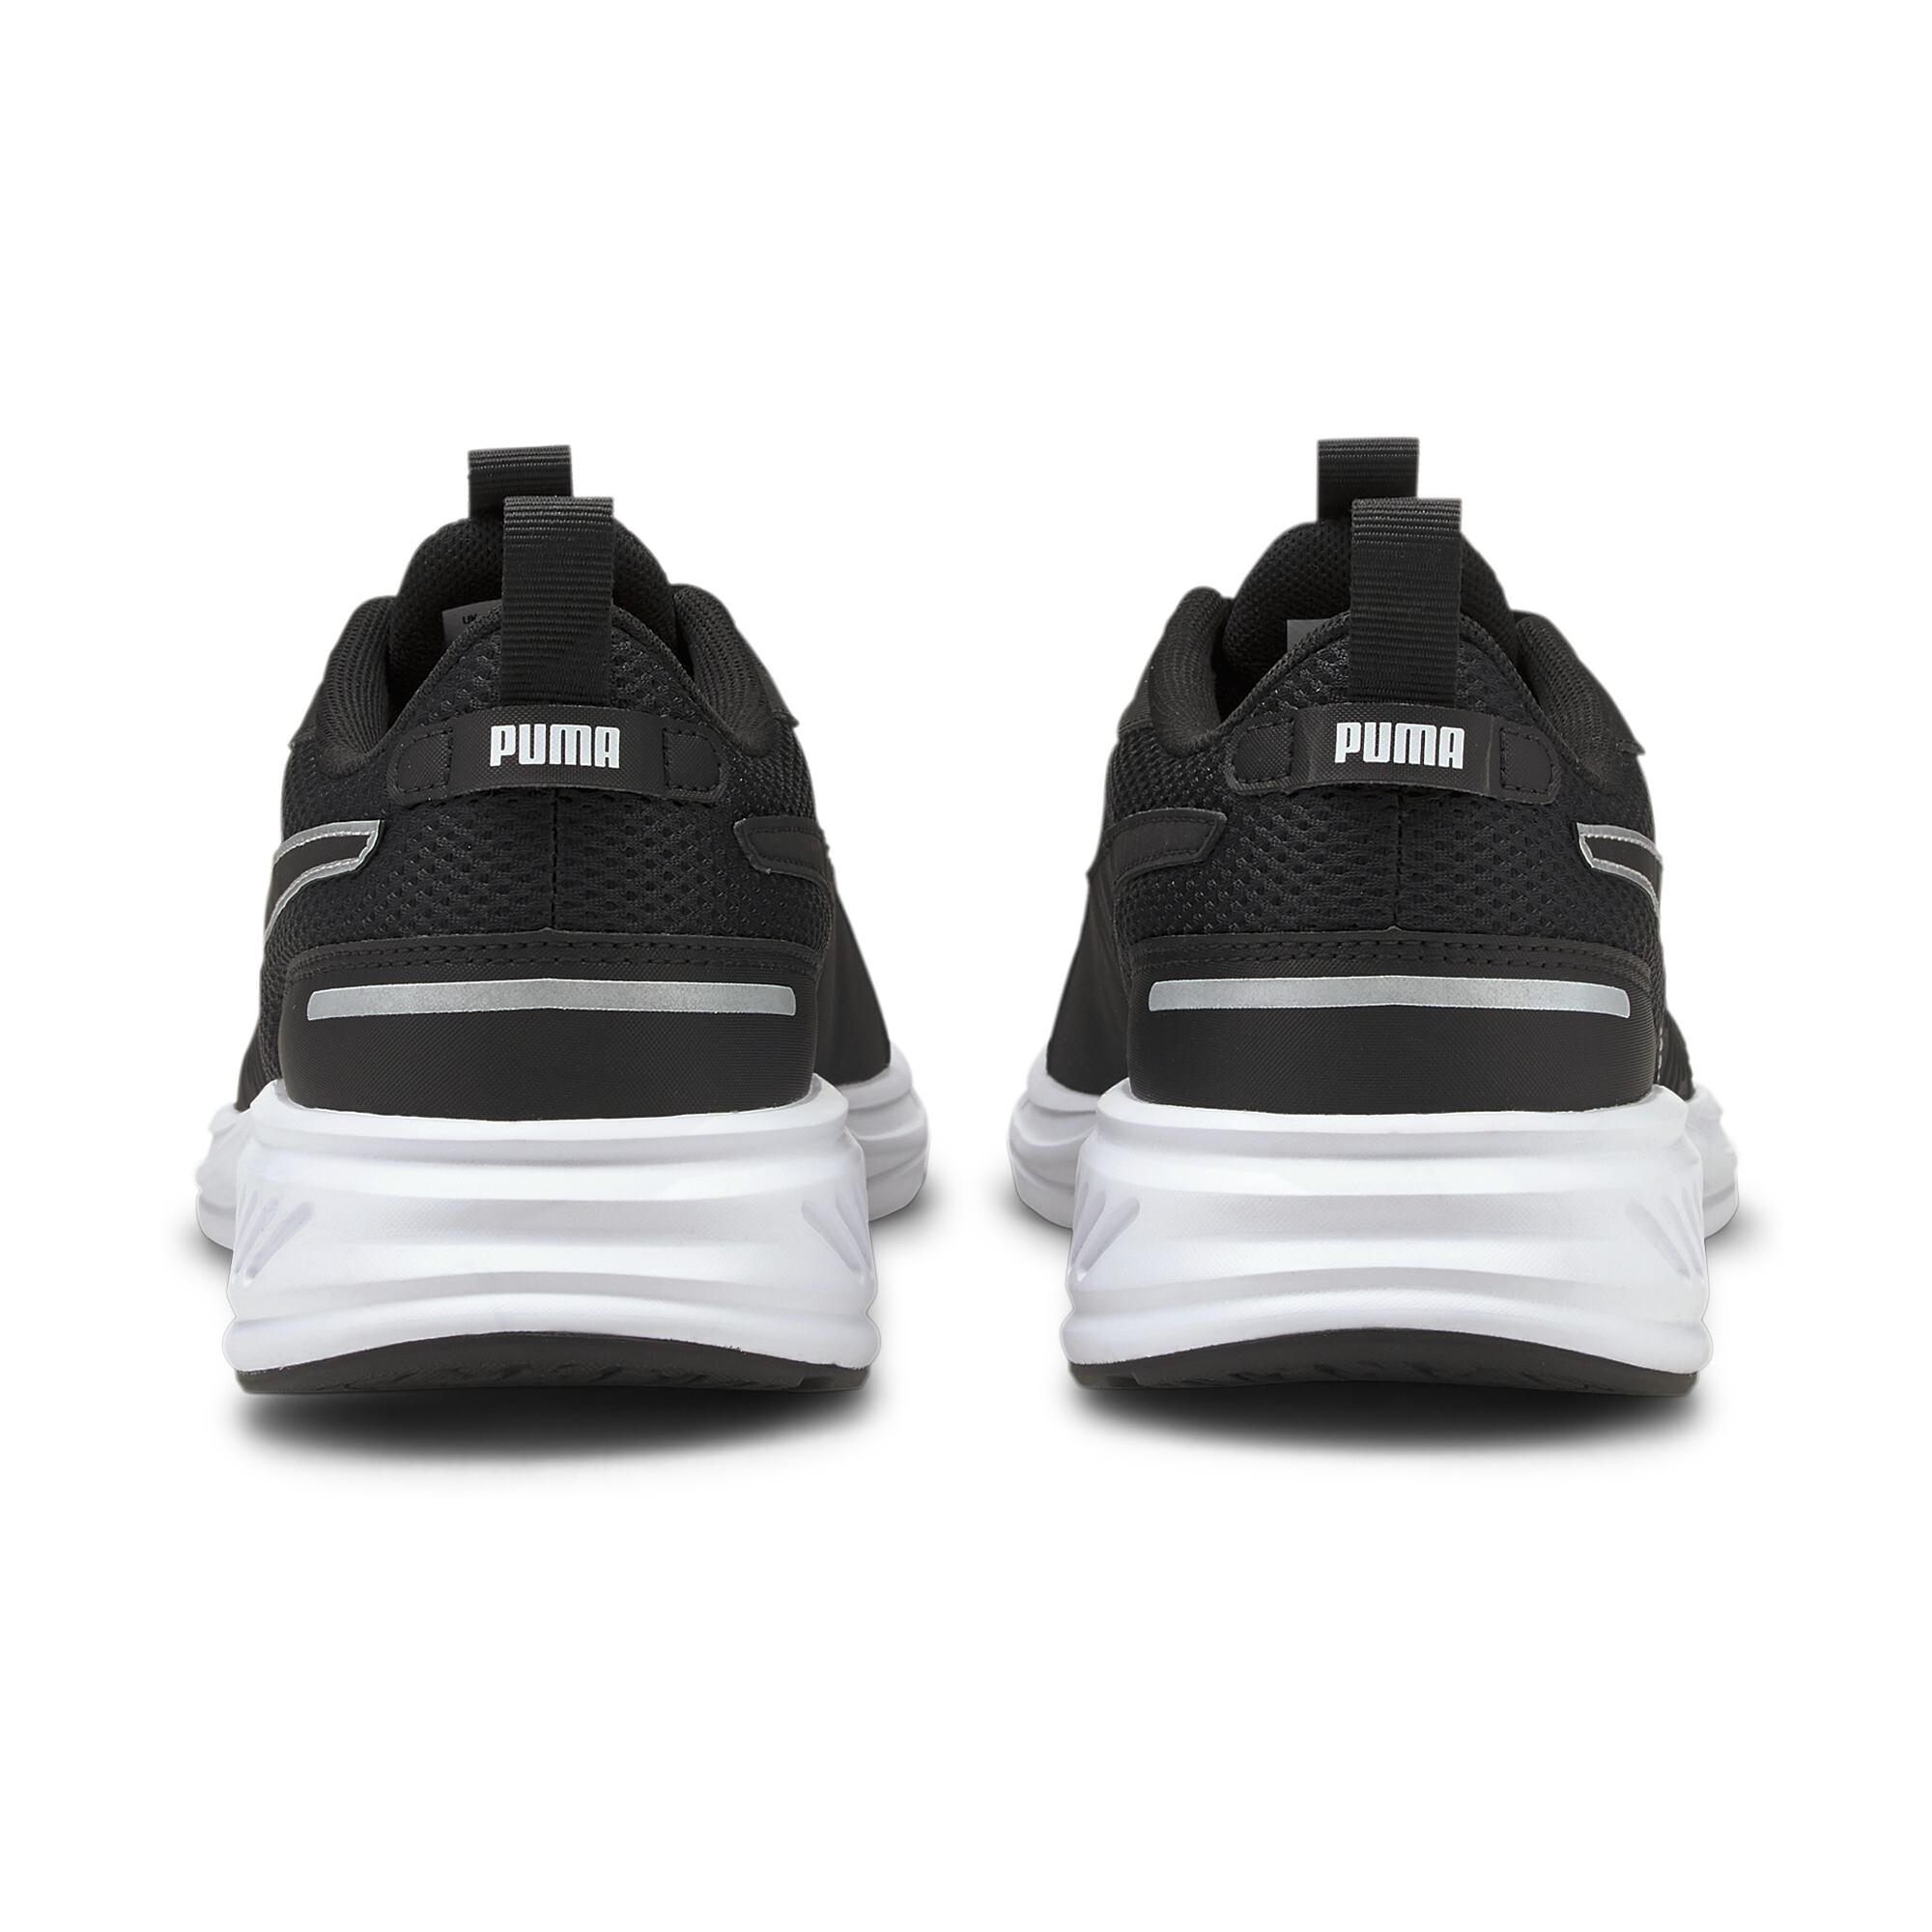 thumbnail 10 - Puma Men's Scorch Runner Running Shoes